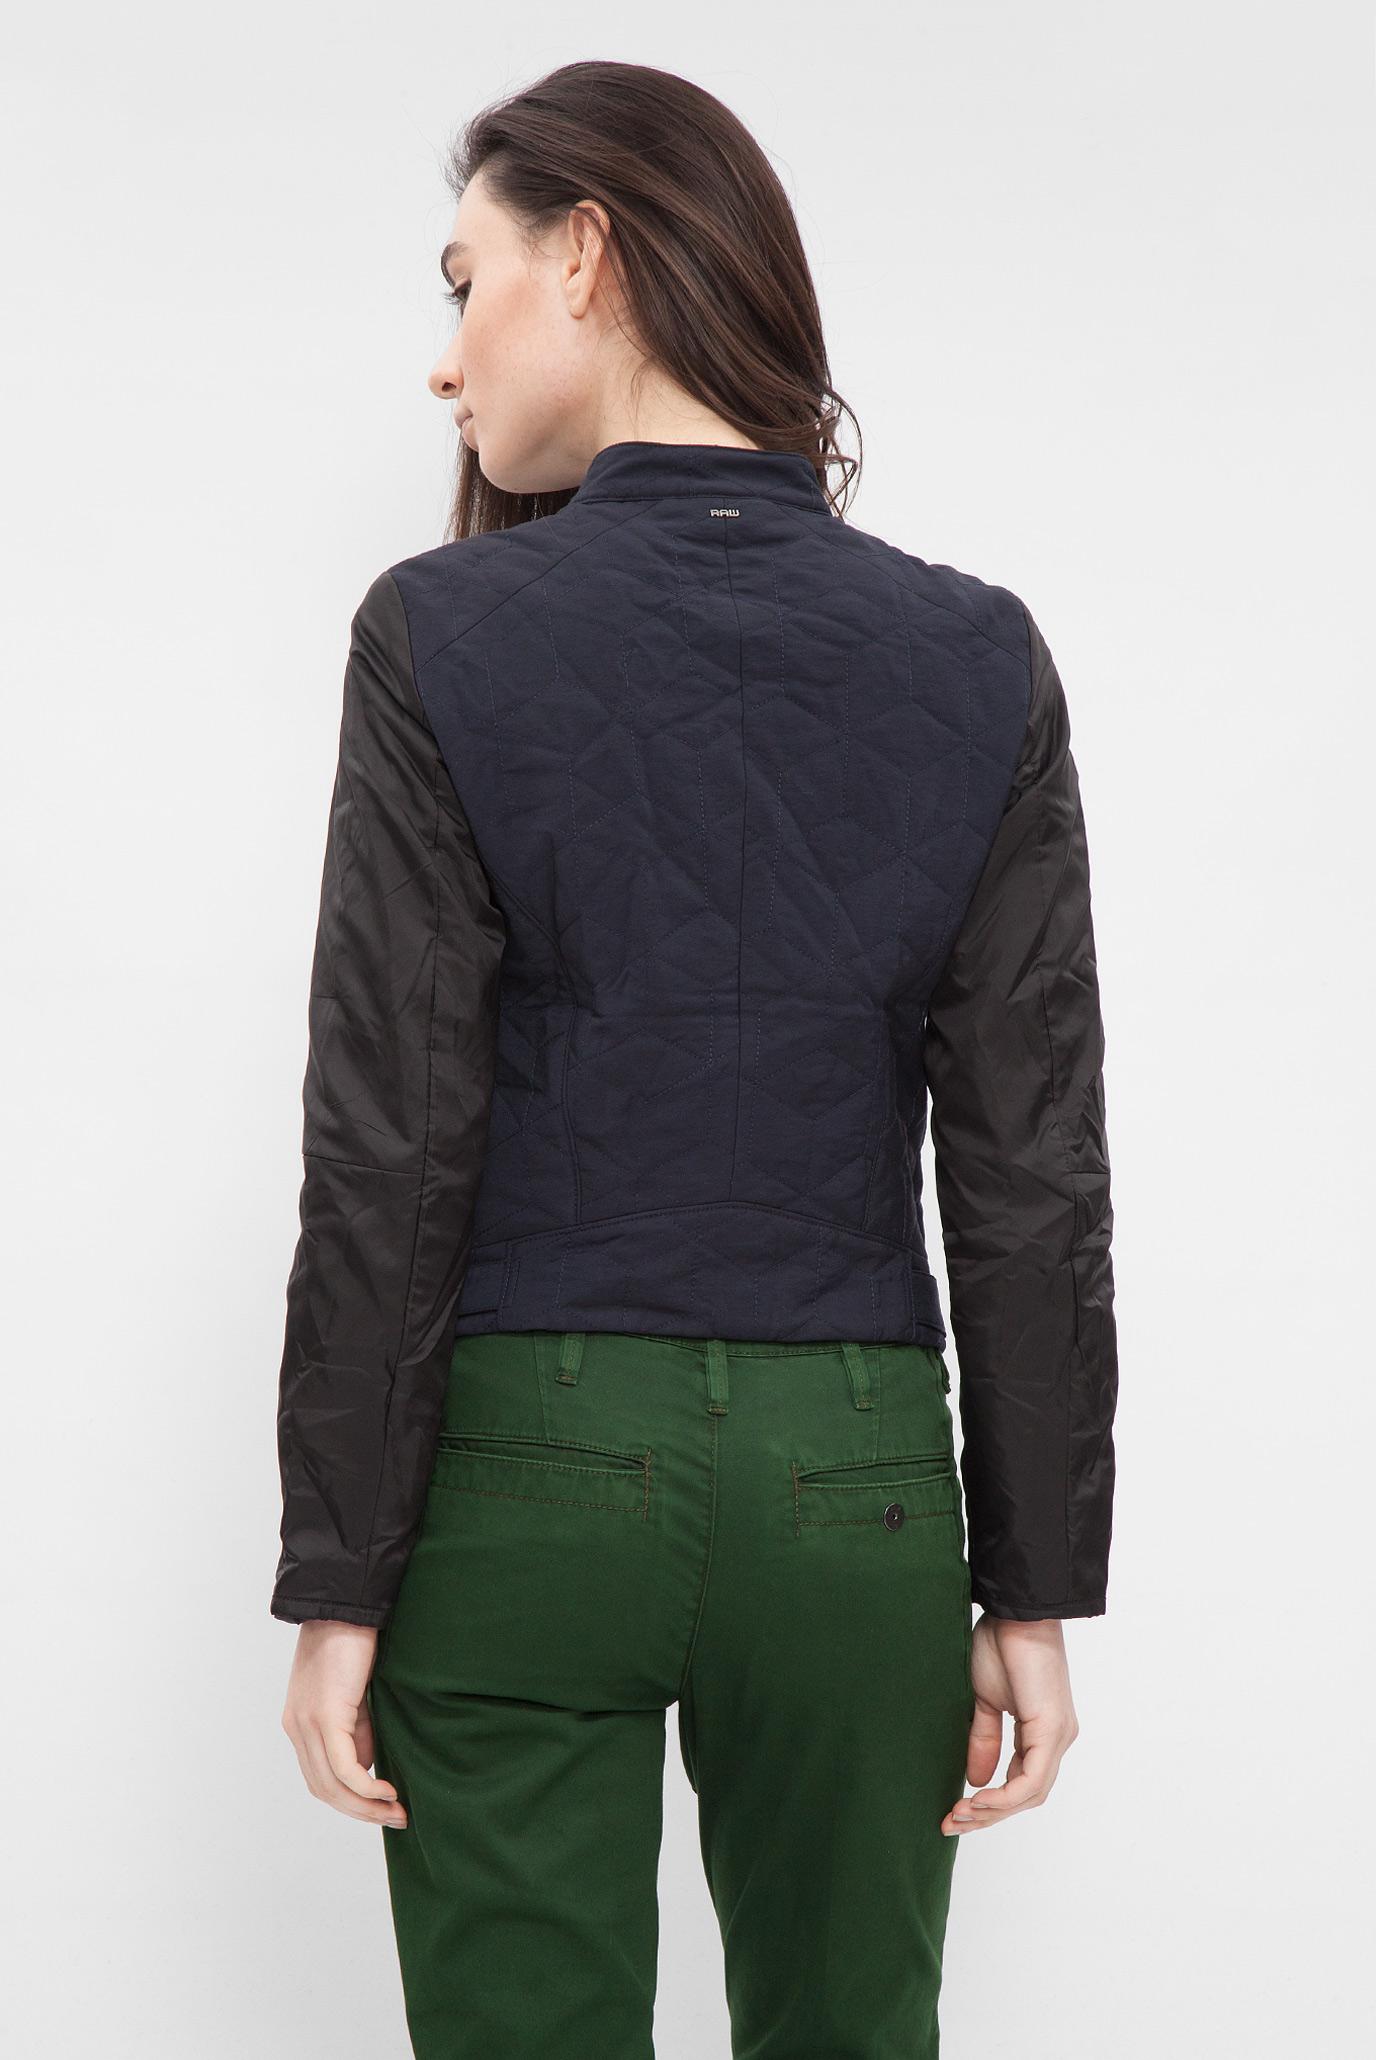 Купить Женская темно-синяя куртка G-Star RAW G-Star RAW D01867,7063 – Киев, Украина. Цены в интернет магазине MD Fashion